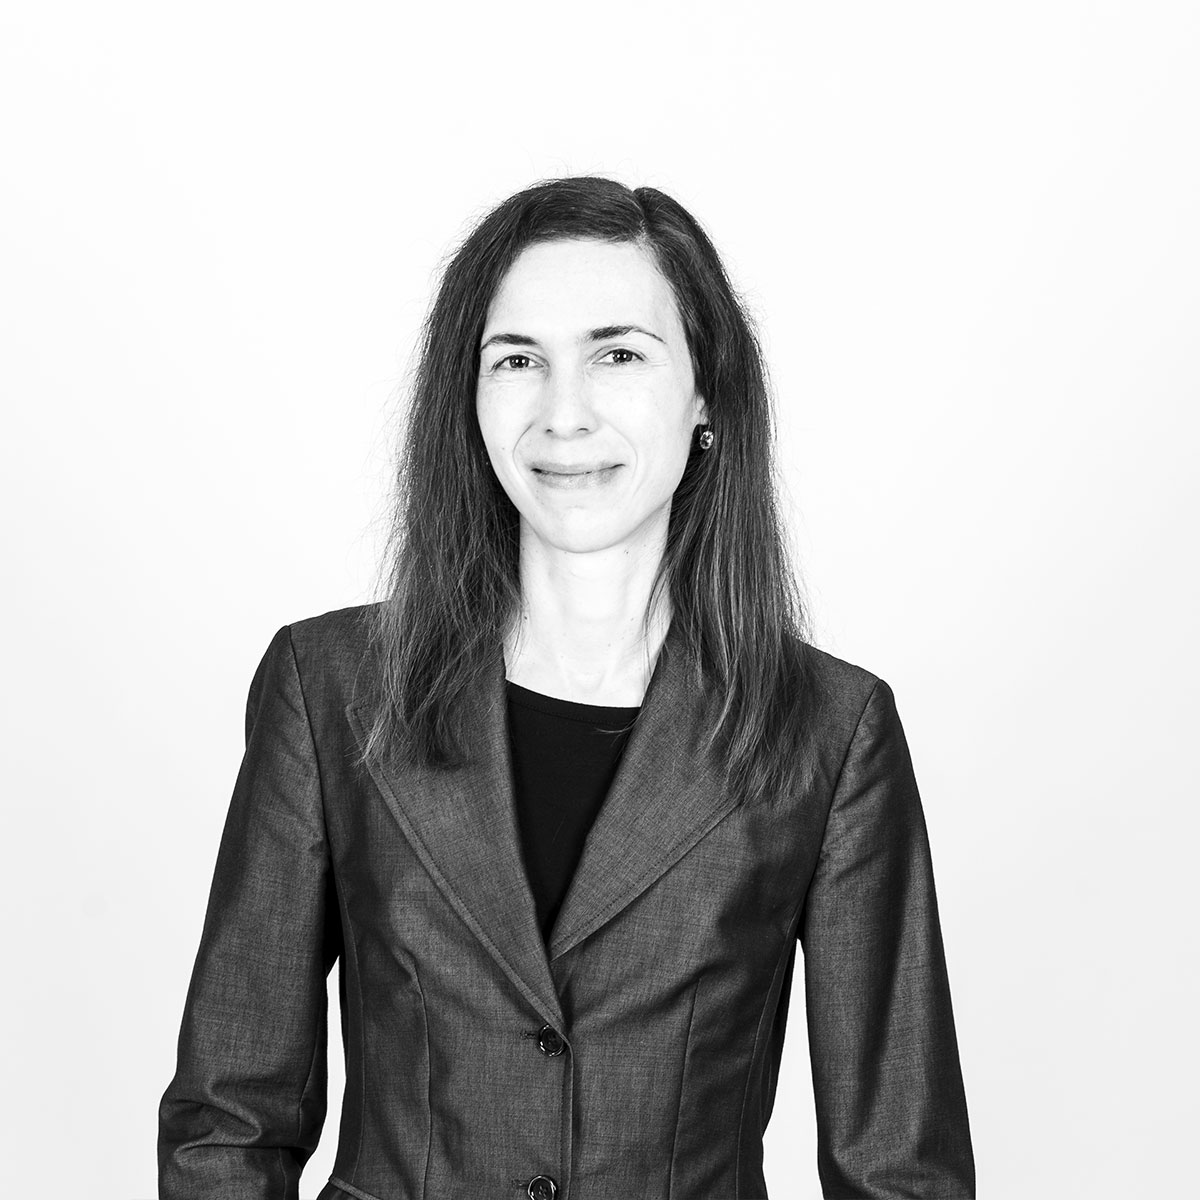 Annette Lowack